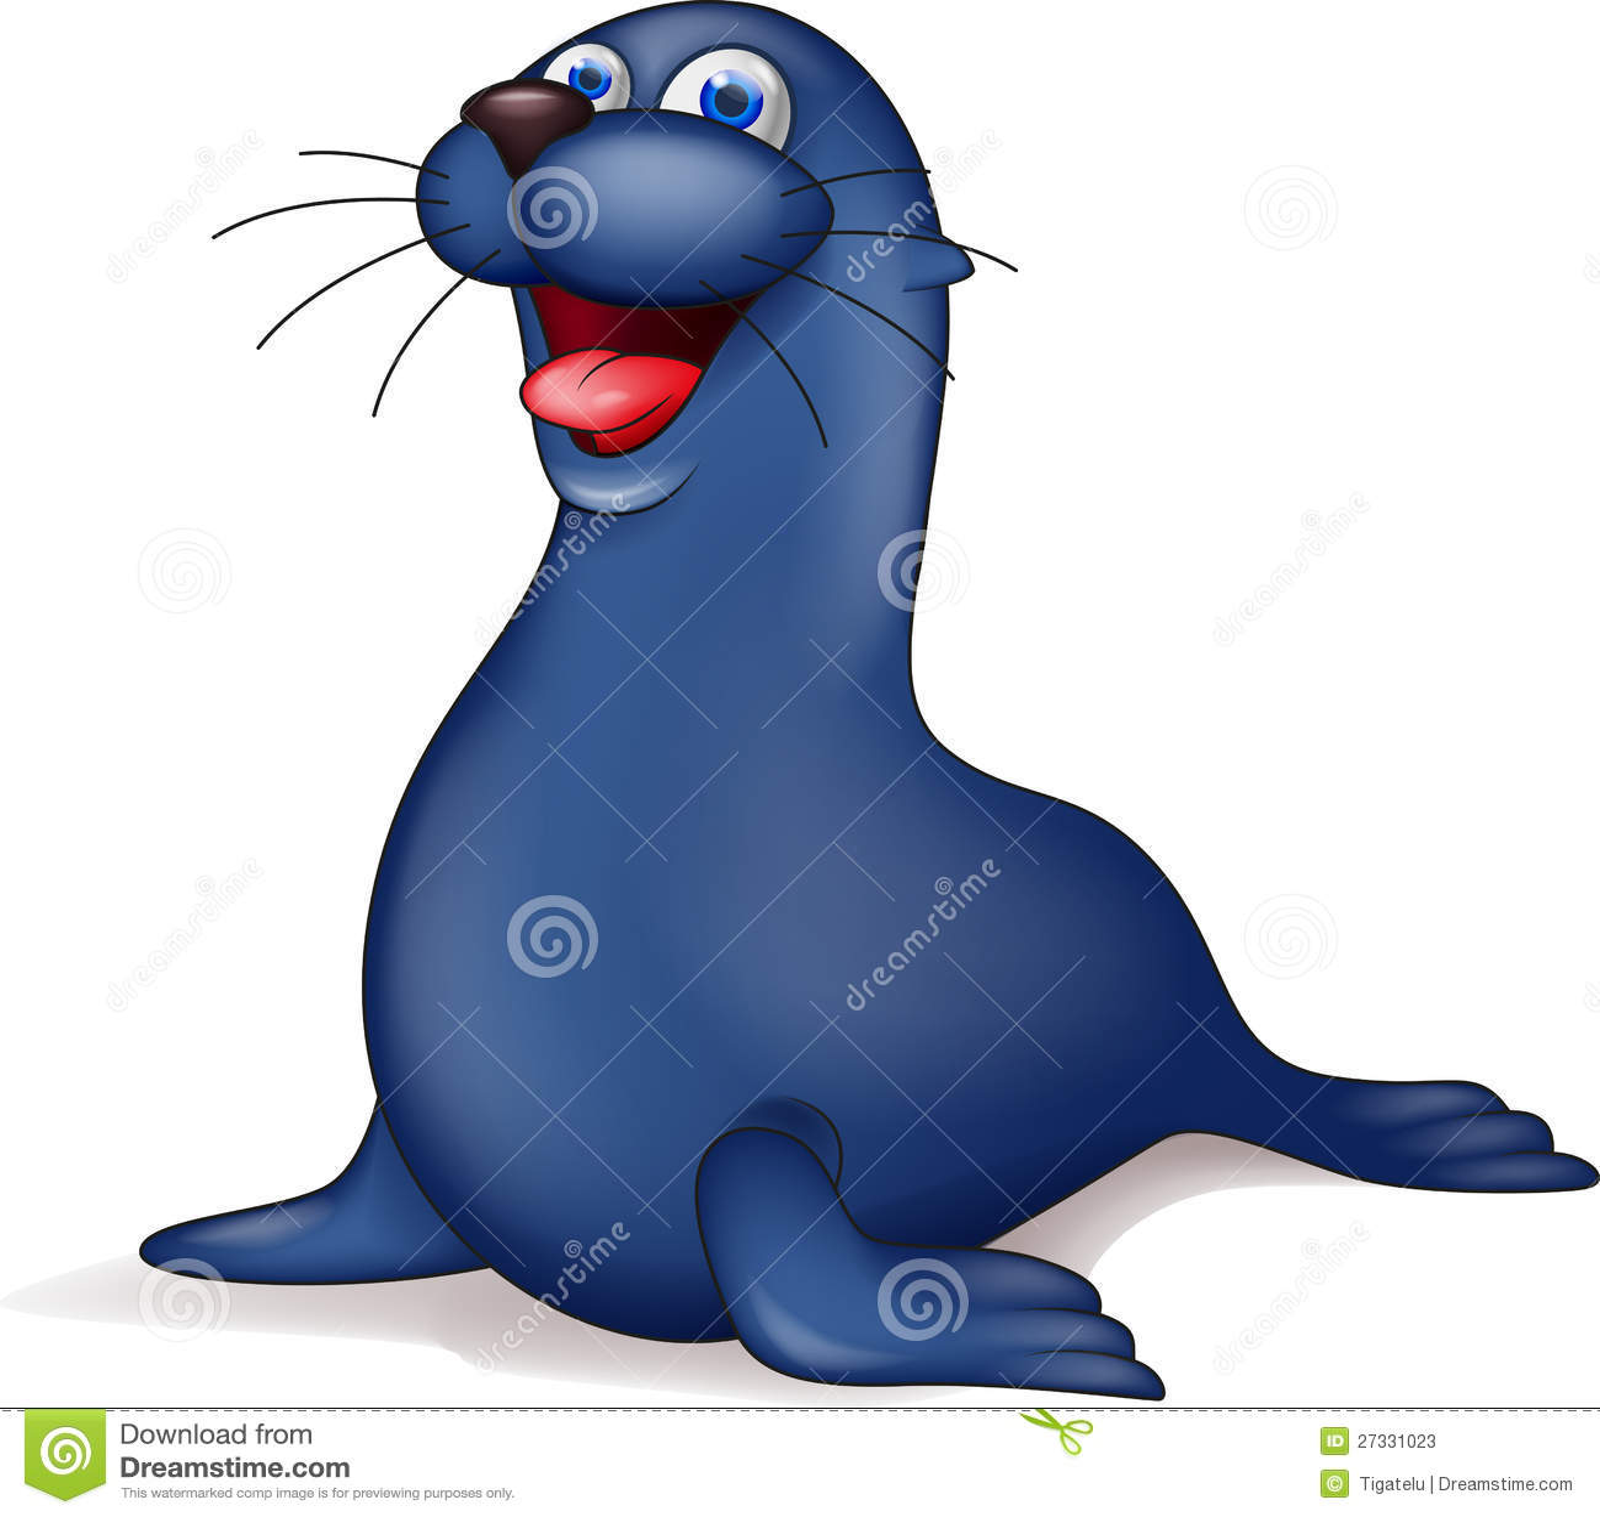 Seal Cartoon Stock Photos - Image: 27331023